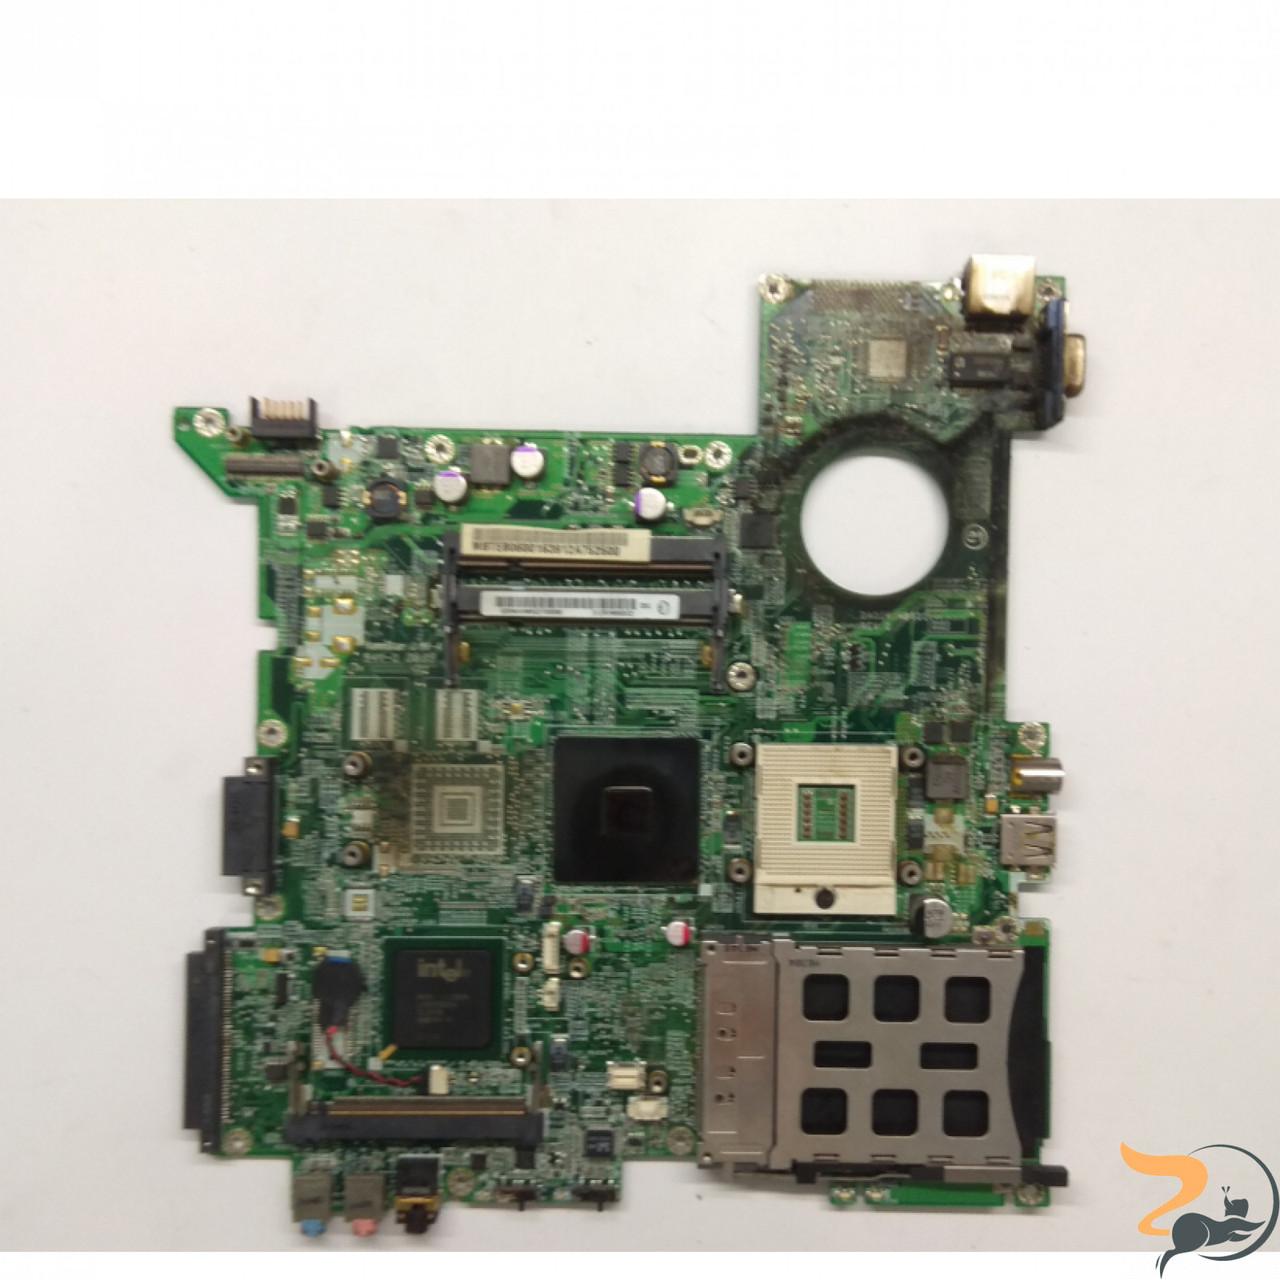 Материнська плата для ноутбука Acer TravelMate 2480, ZR1, DA0ZR1MB6D1. Тестована, робоча, слідів залиття не має, зламане USB(фото).